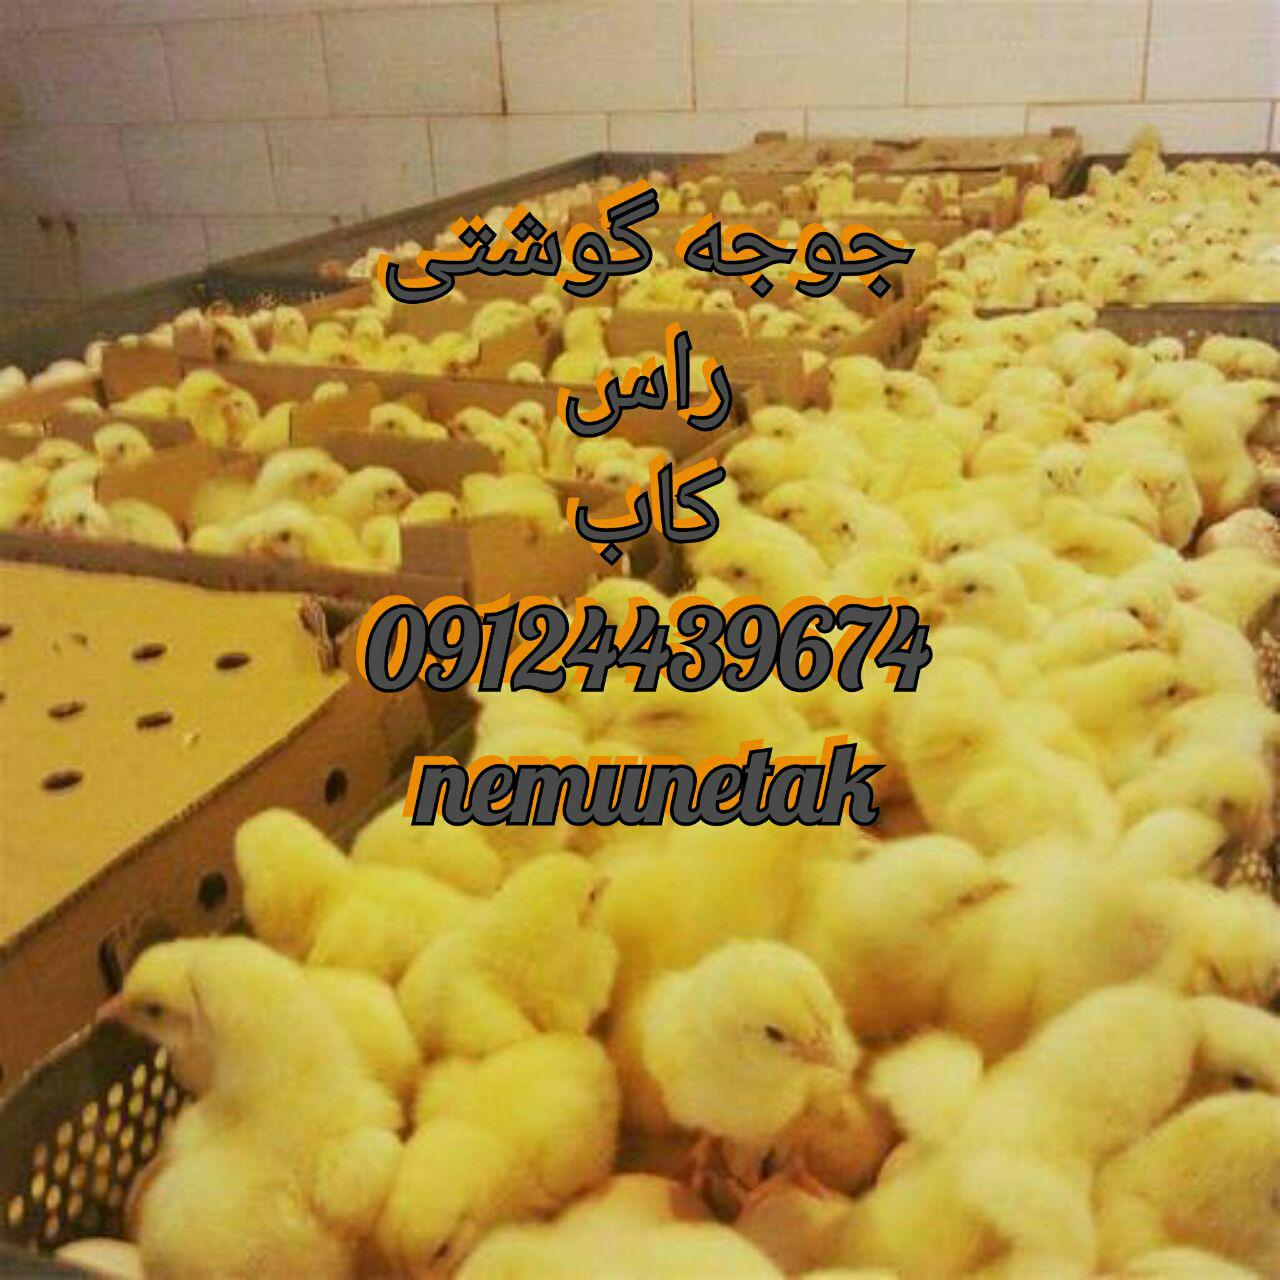 فروش جوجه گوشتی 09131392838 09131392838 09124496359 09124439674